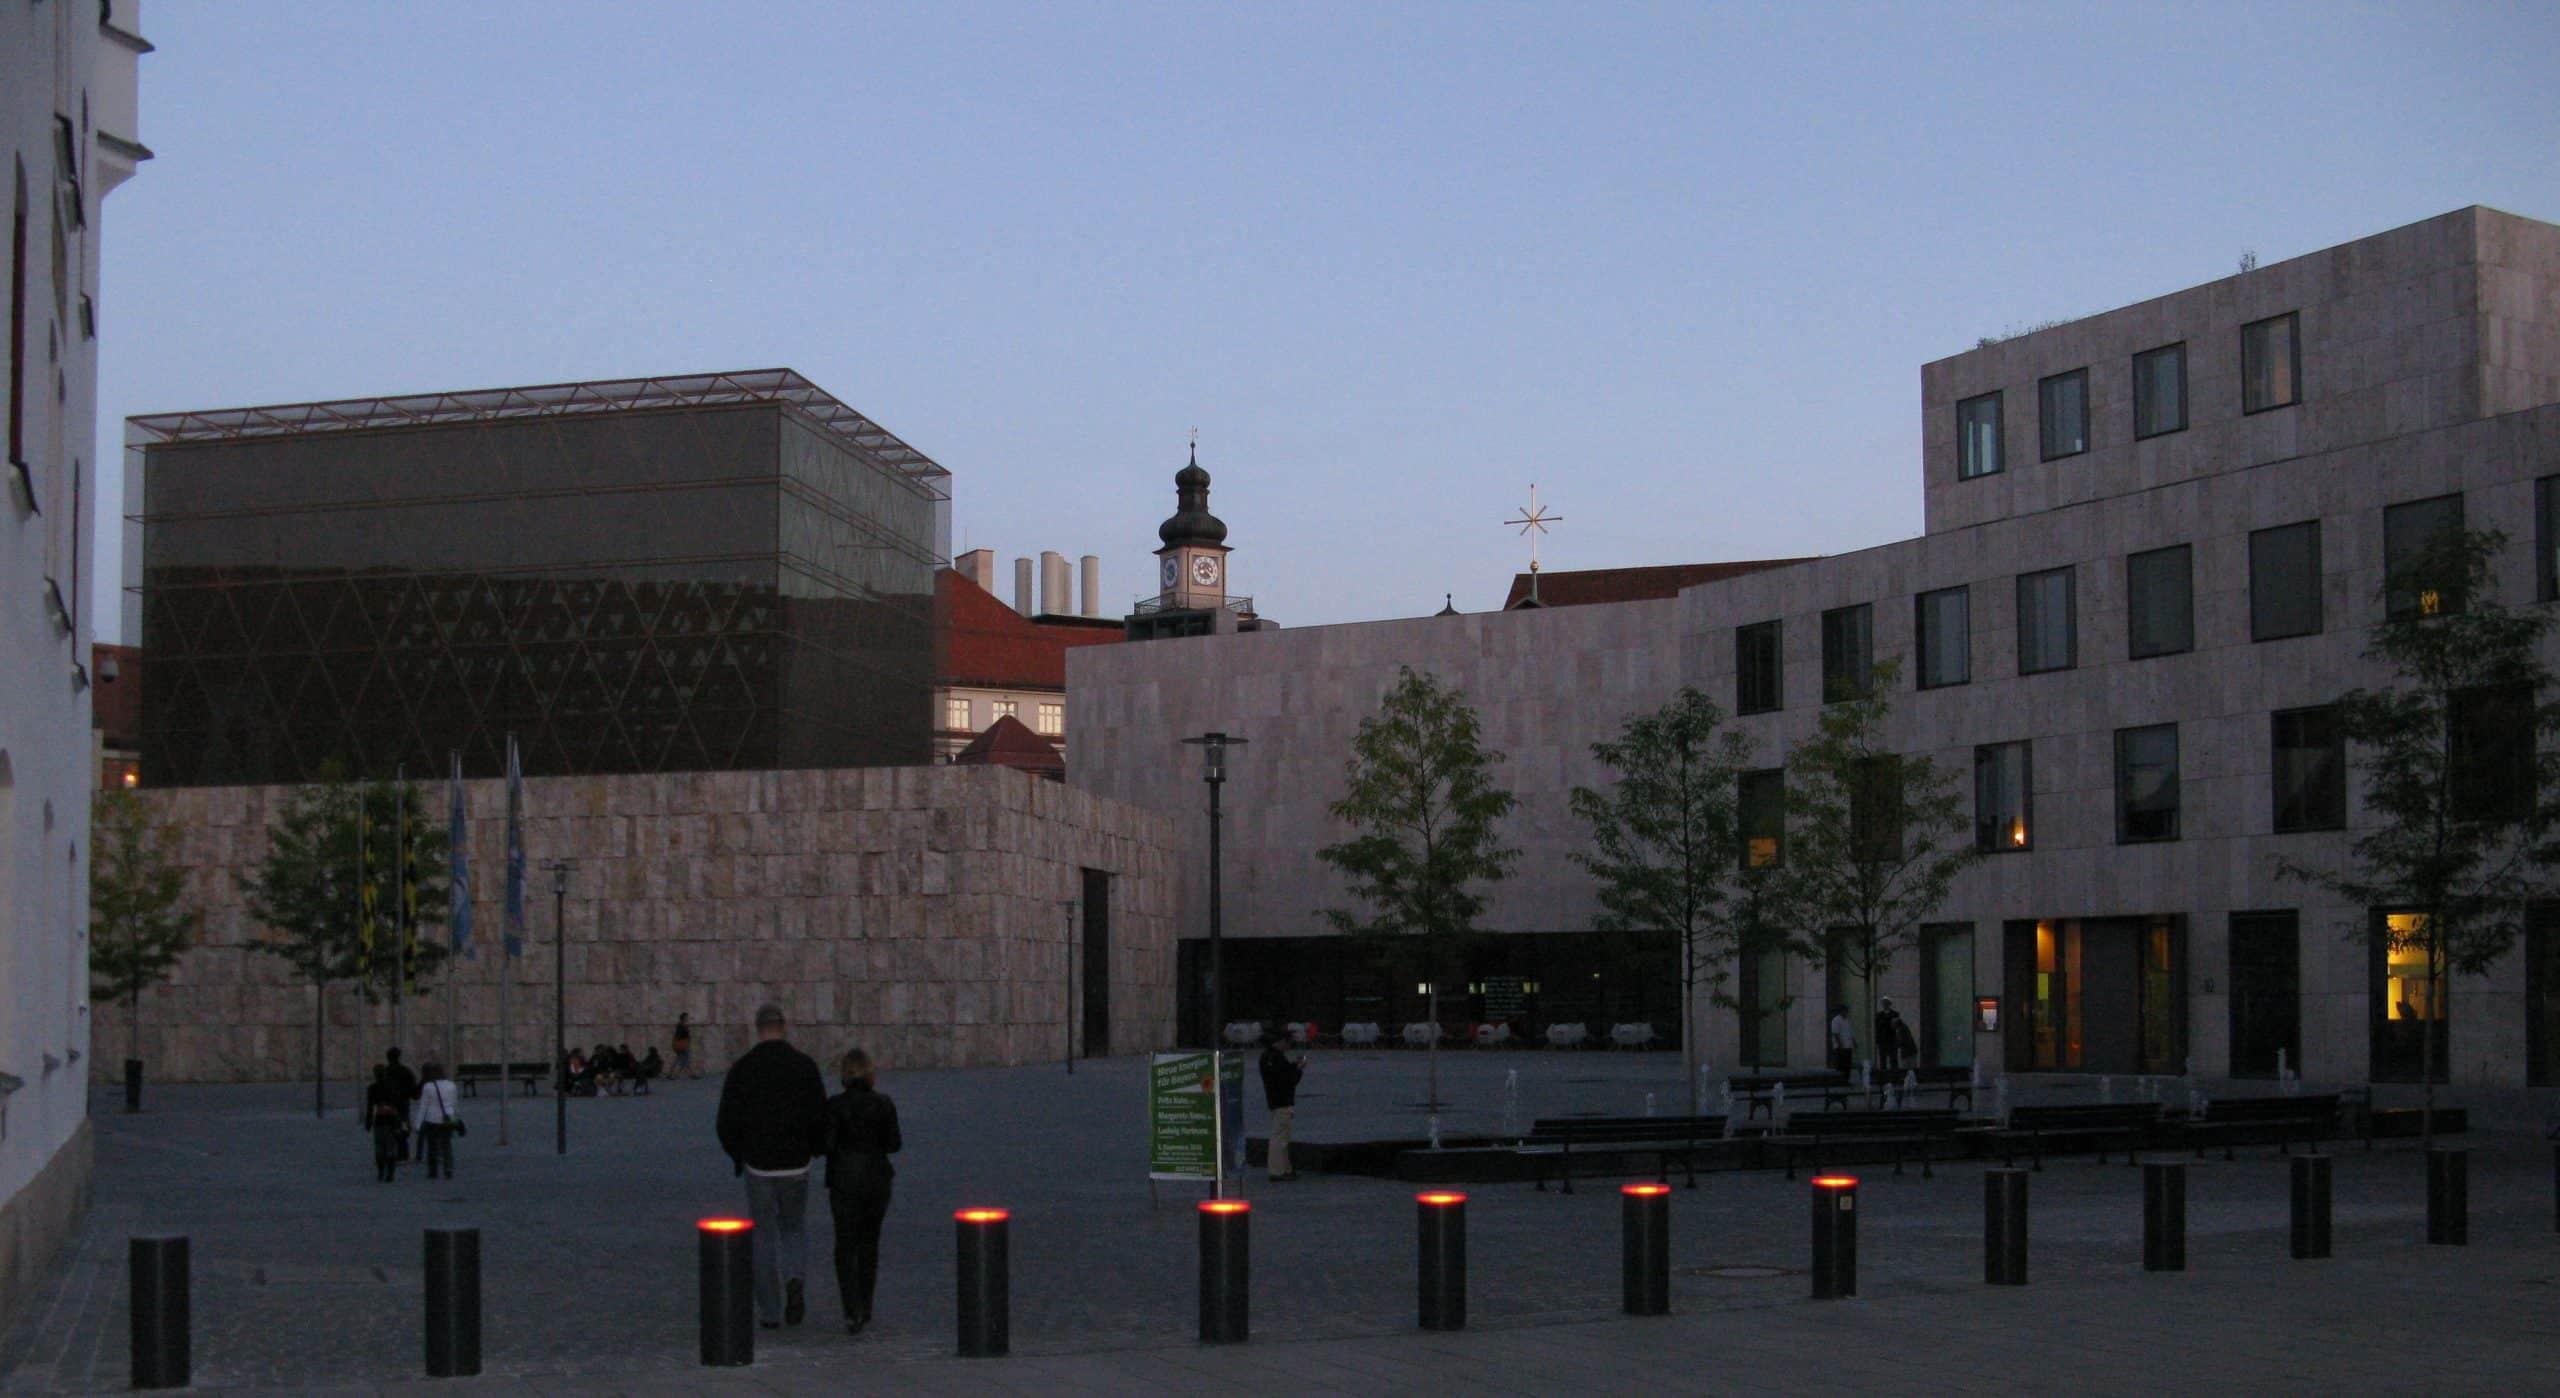 Jüdisches_Zentrum_am_Jakobsplatz_München_1